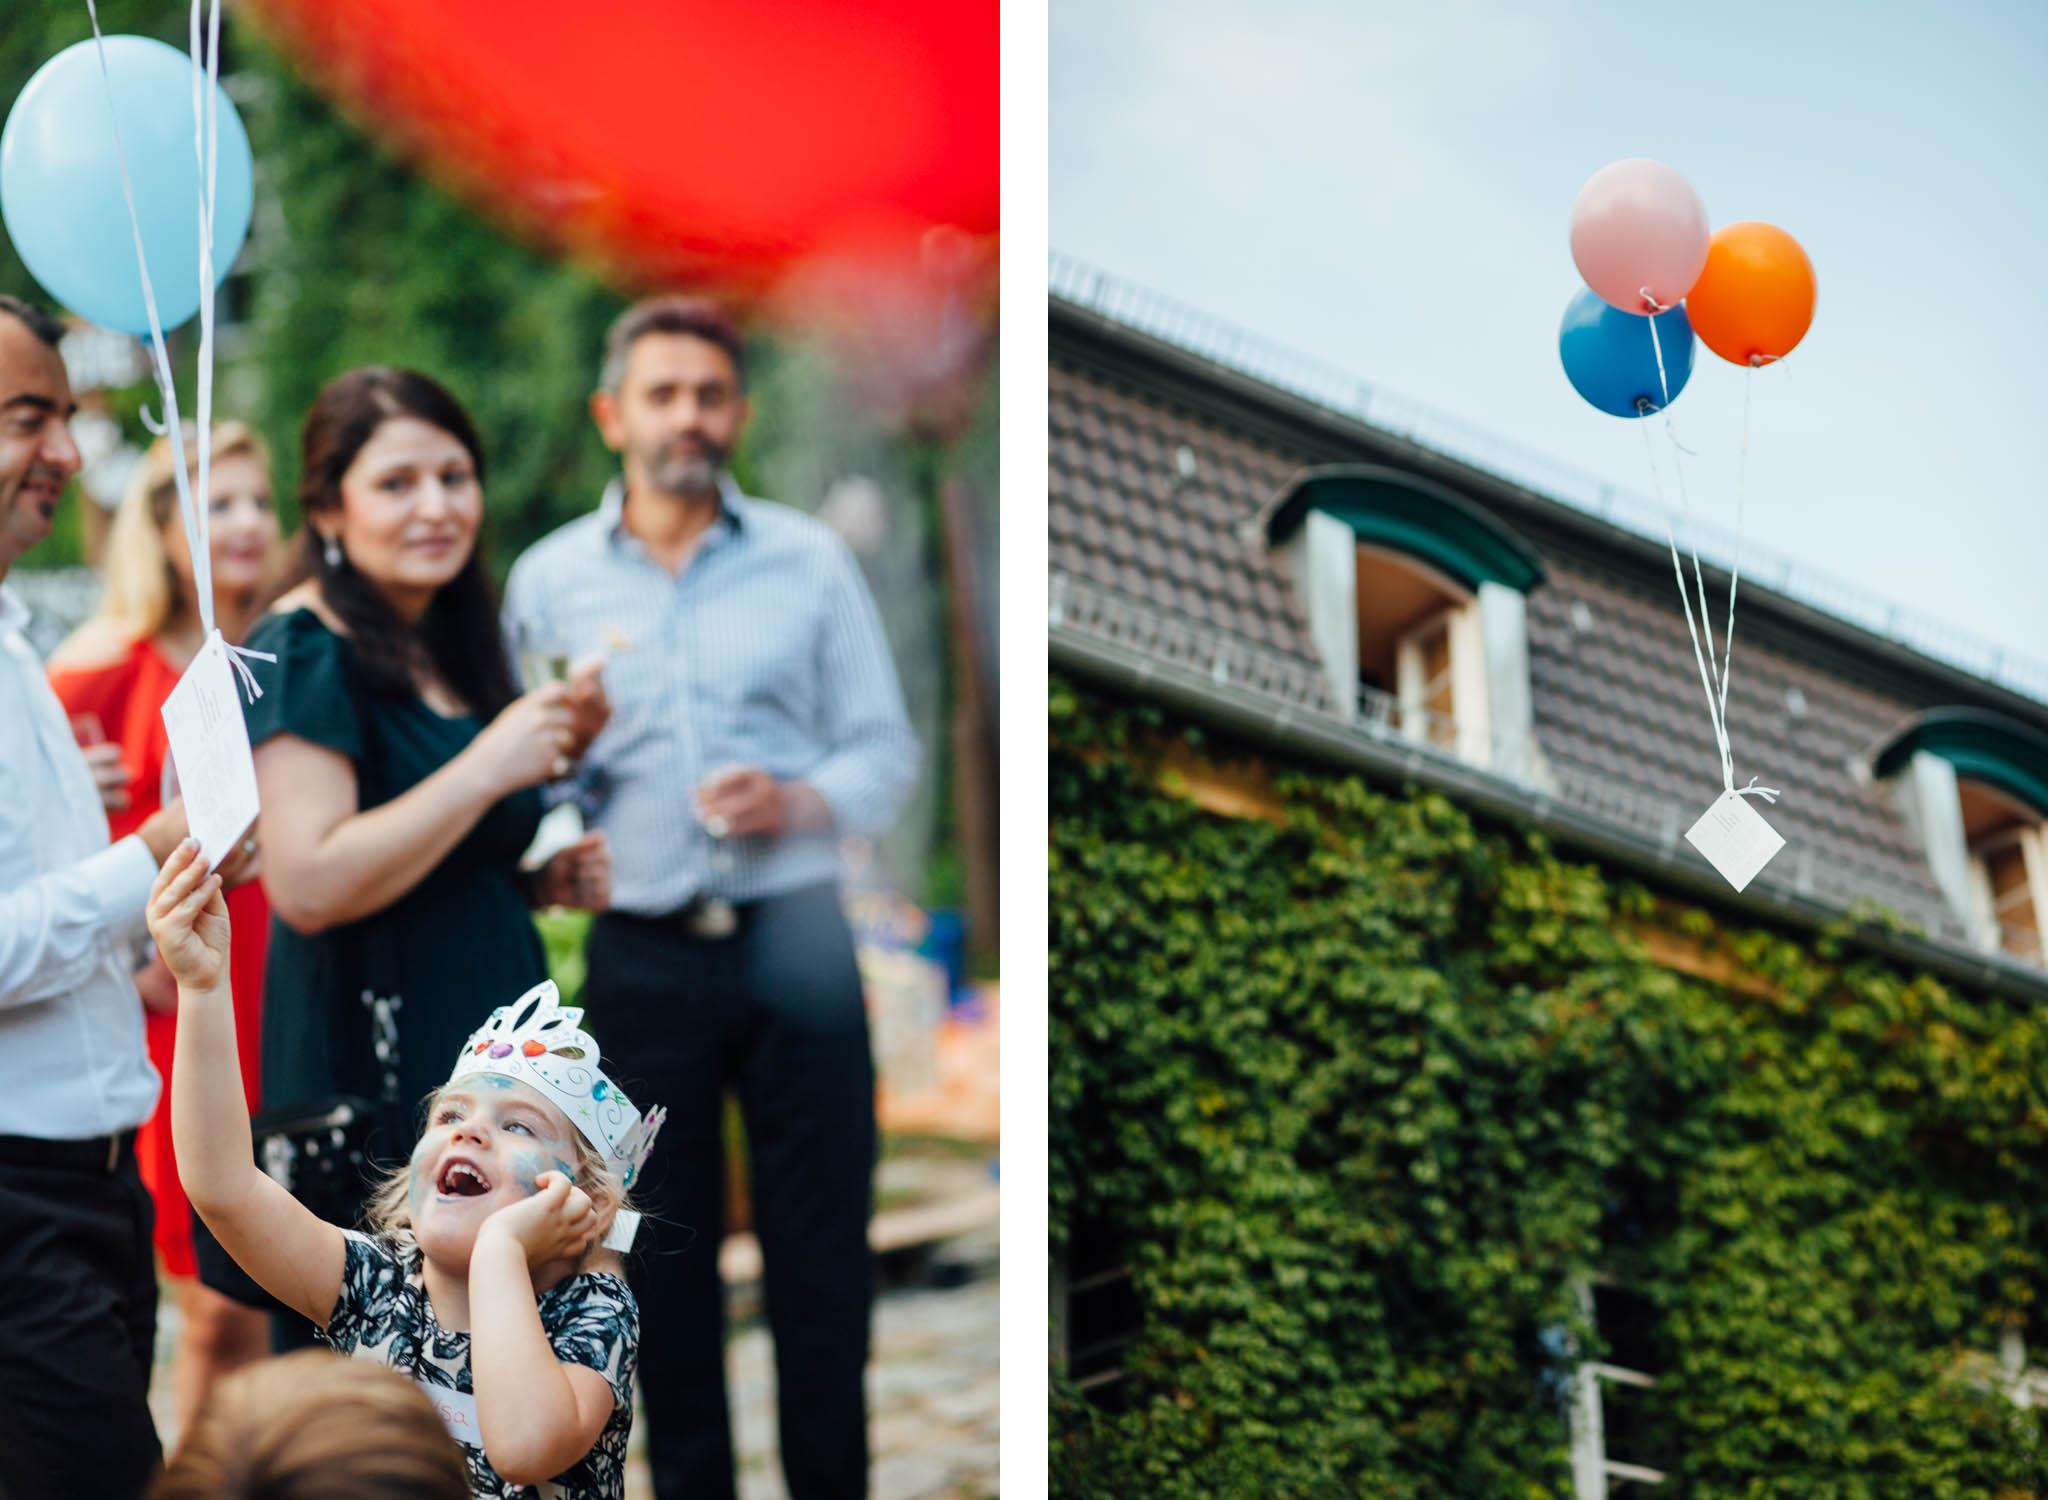 luftballons-hochzeit-reportage-fotograf